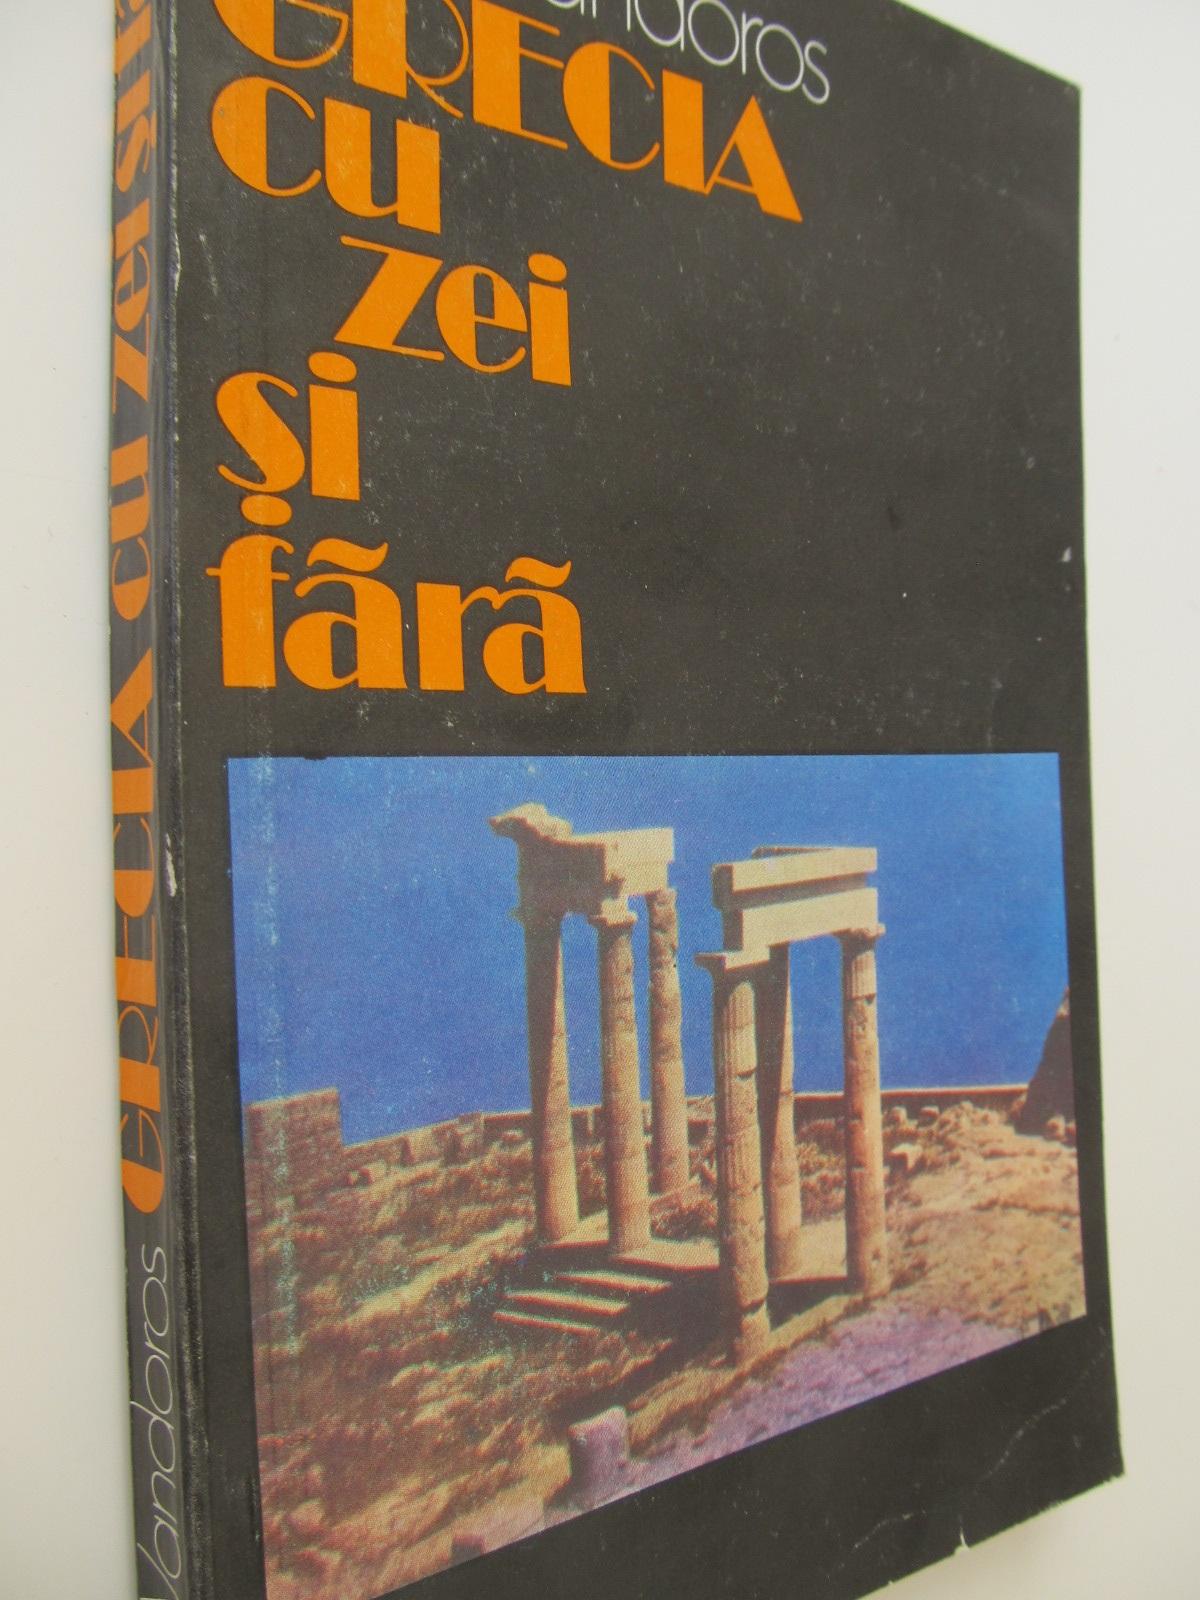 Grecia cu zei si fara - Pan V. Vandors | Detalii carte